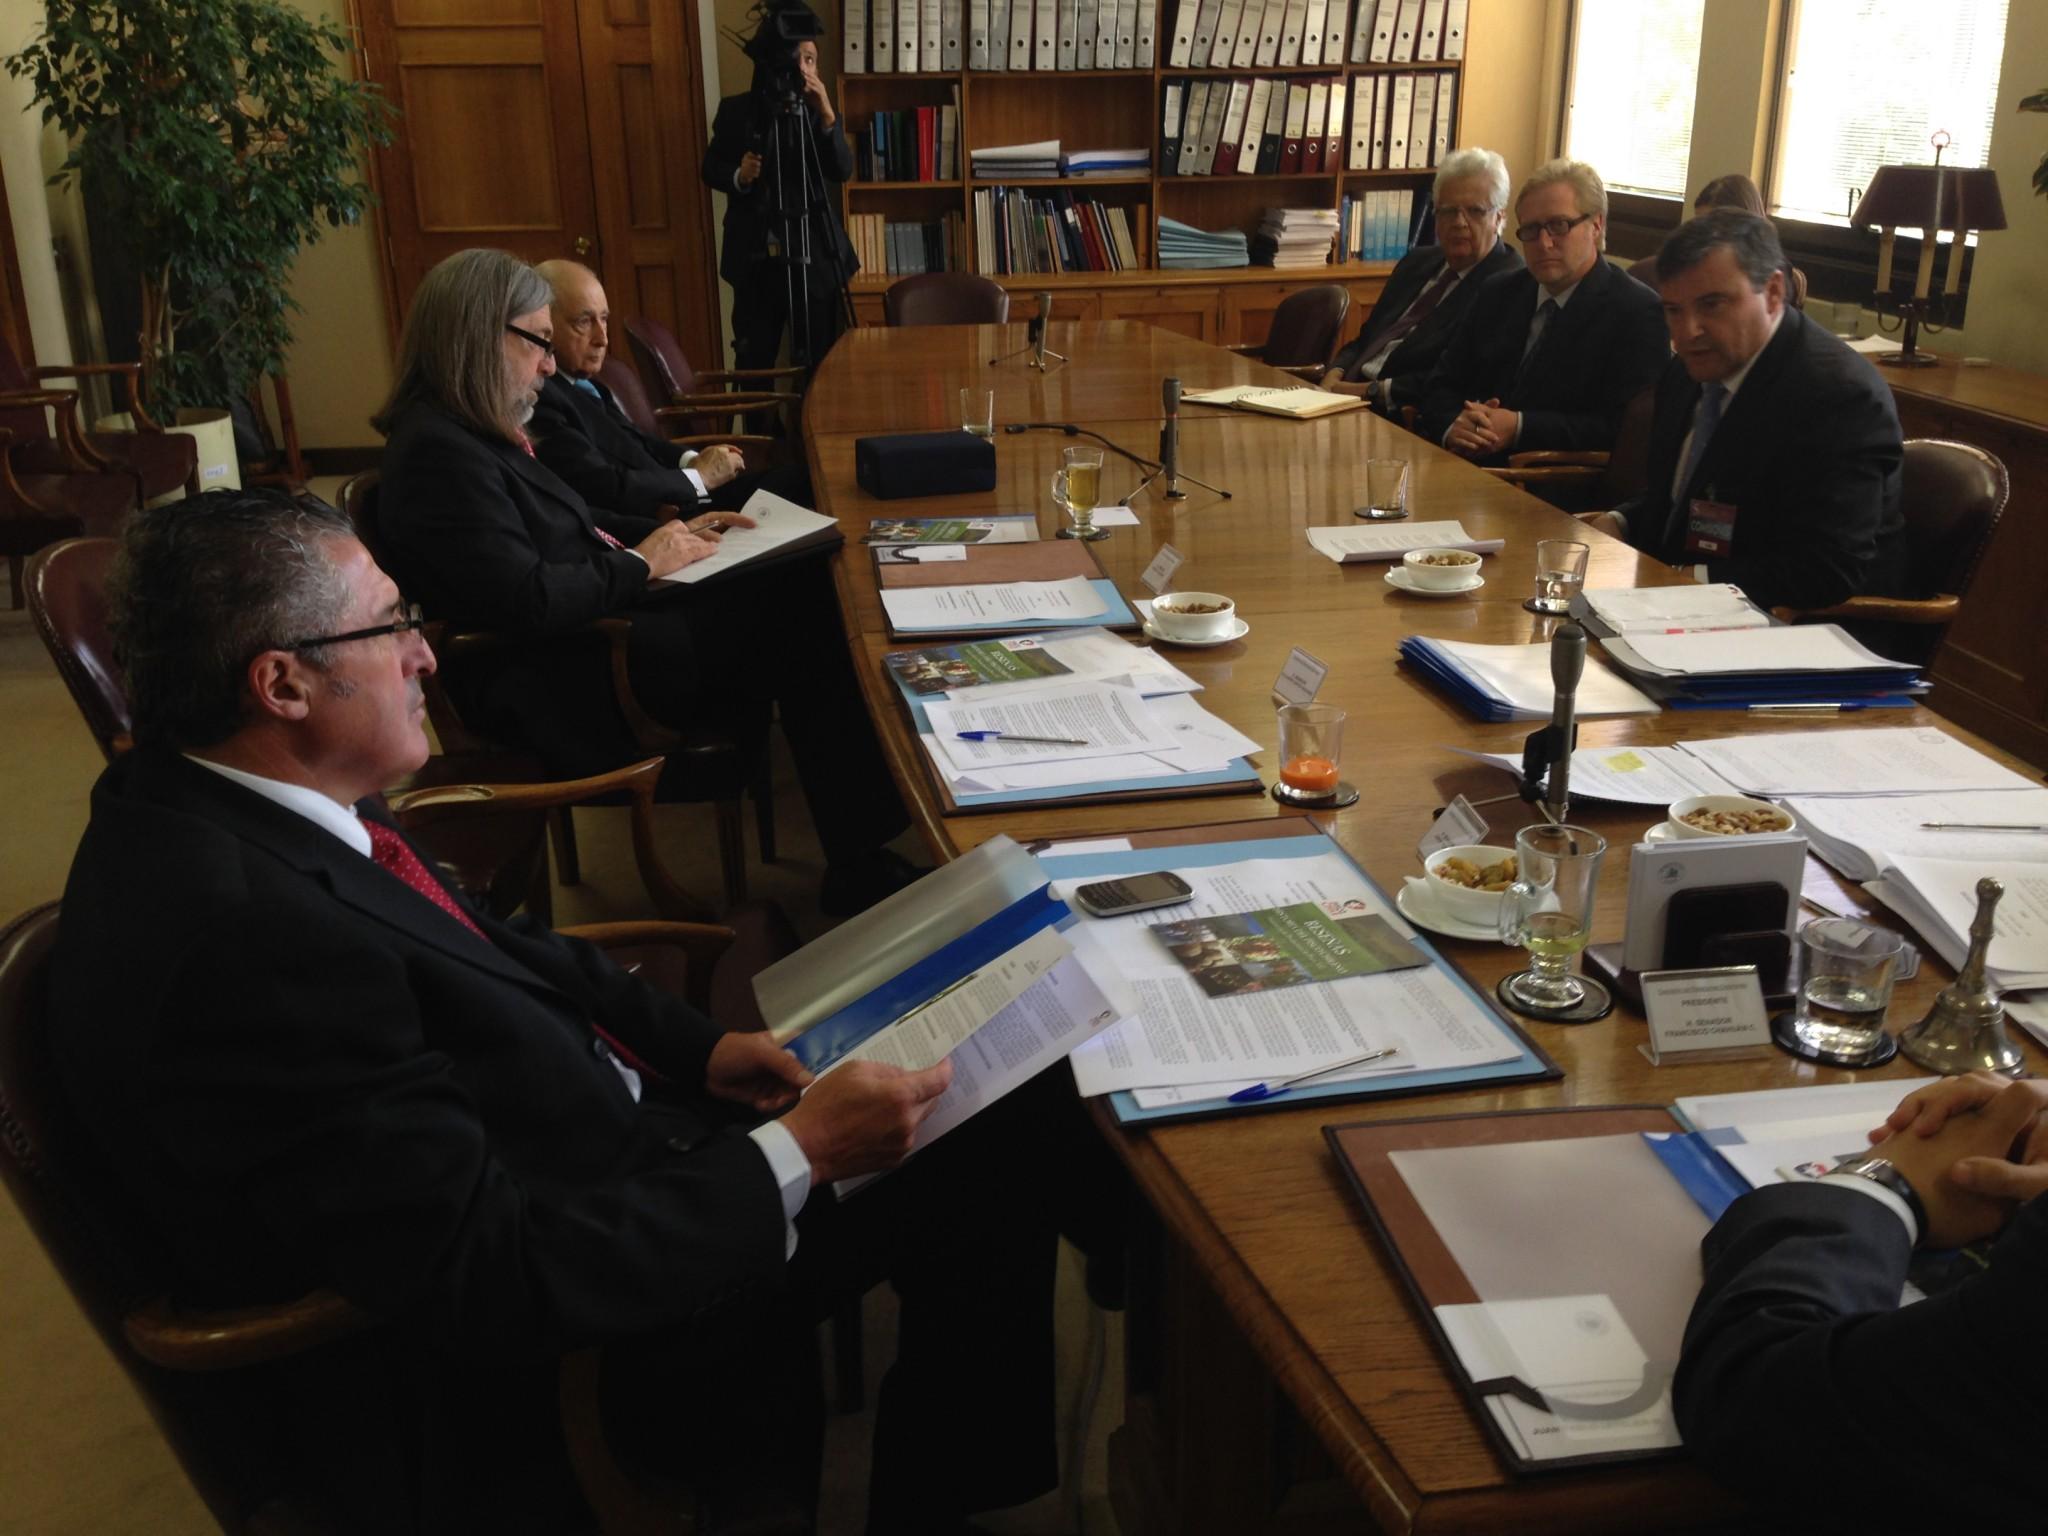 Pisqueros logran apoyo parlamentario para conformar Comité por denominación de origen